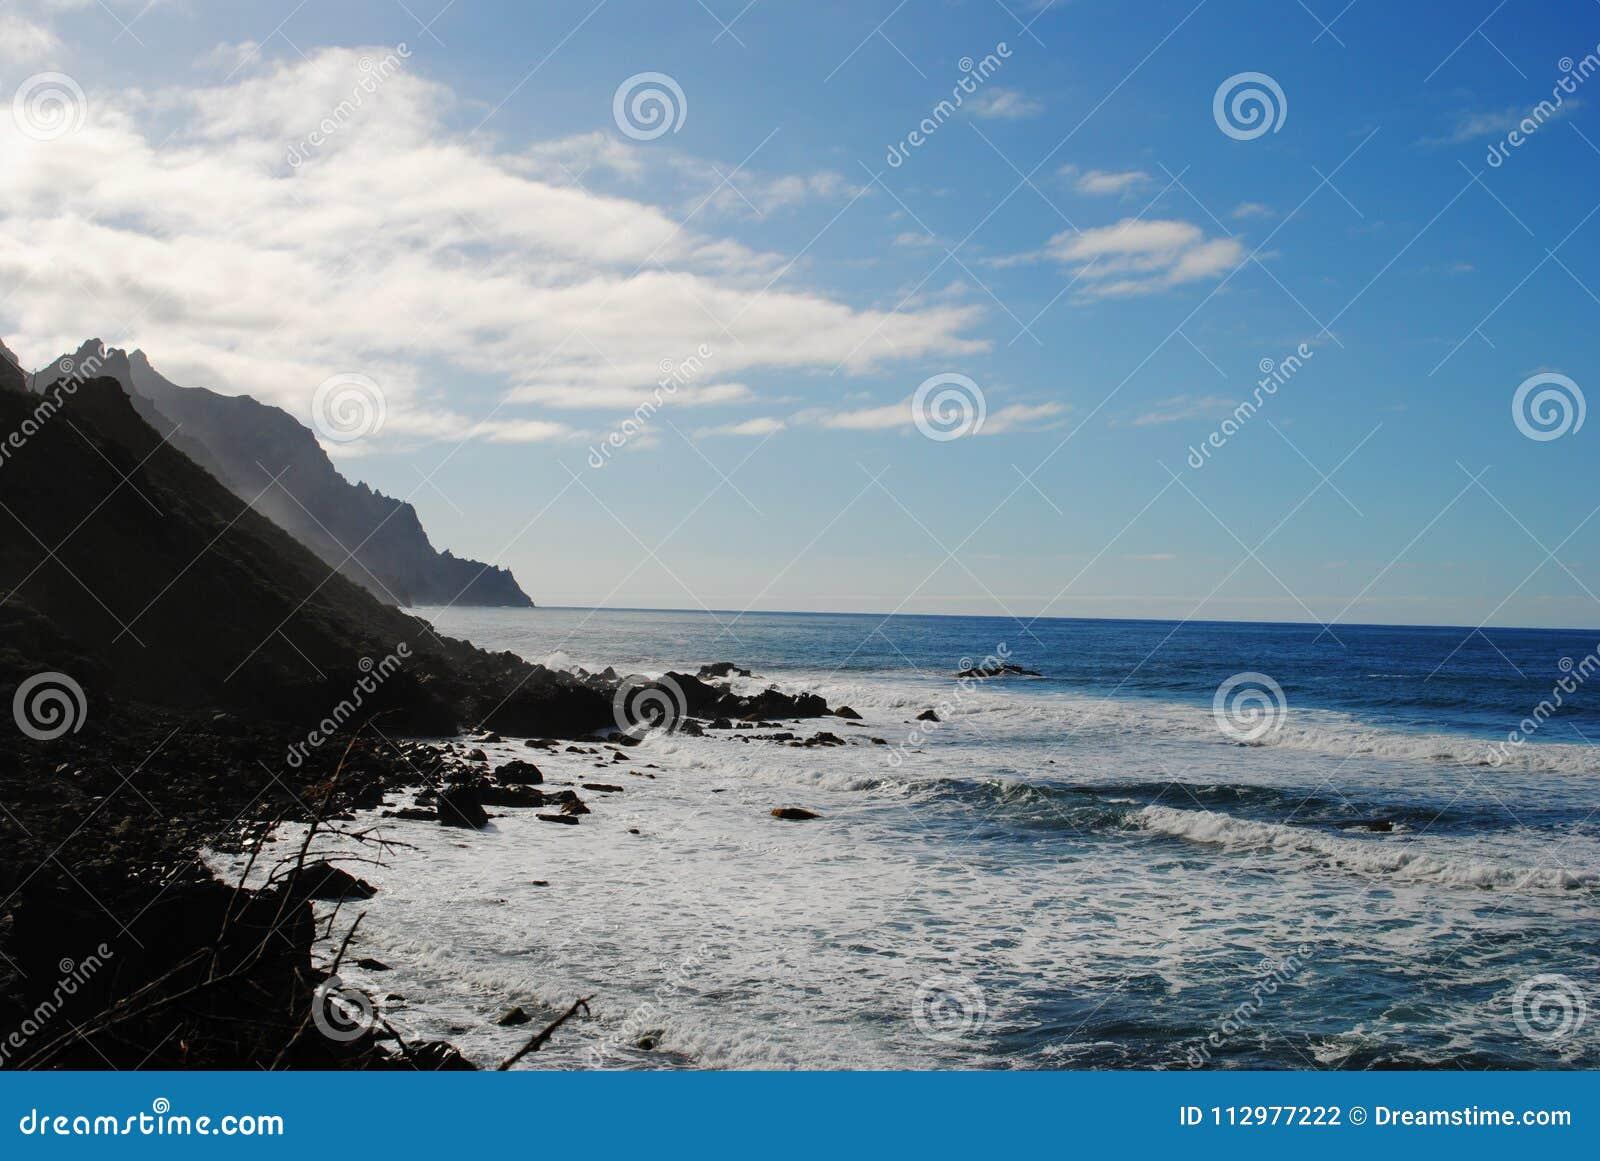 Canary Islands, Tenerife, Taganana